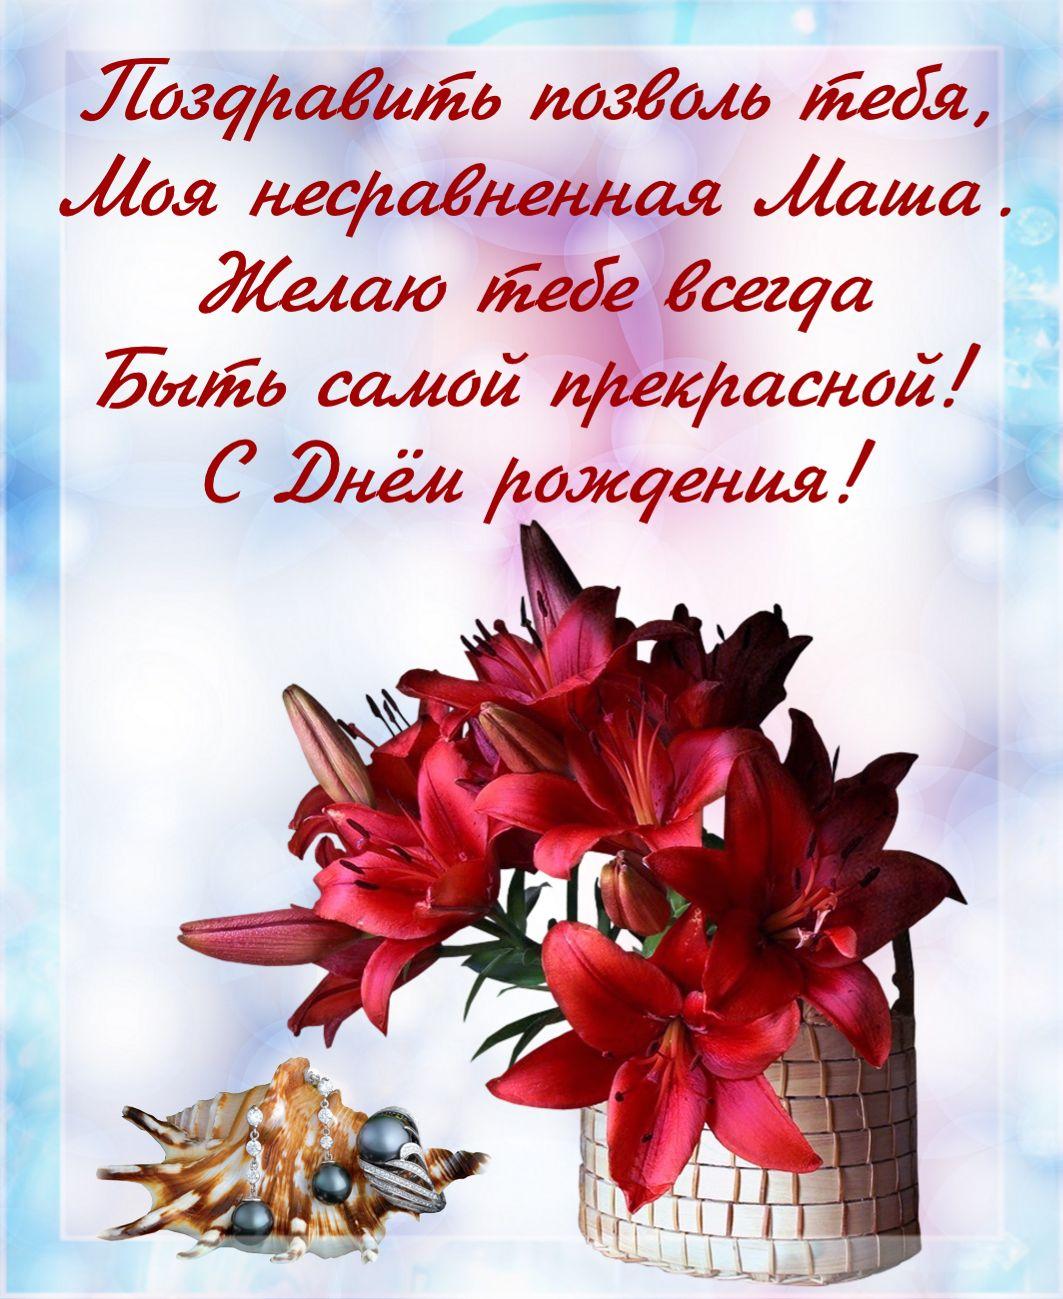 Поздравления с днем рождения женщине красивые в картинках марии, открытки